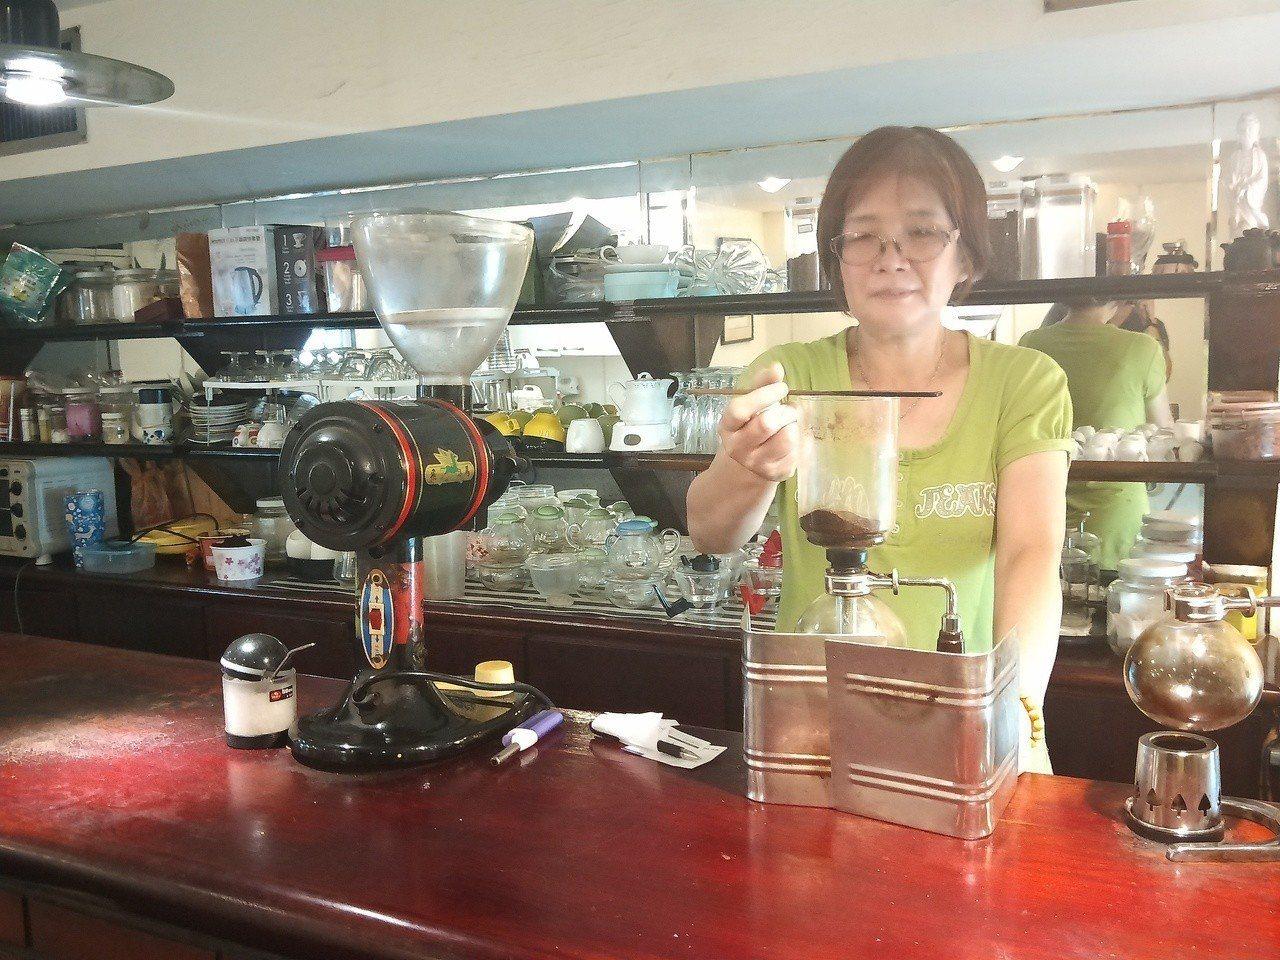 營運40年的基隆上島咖啡店本月底吹熄燈號,老闆娘方碧虹泡的虹吸式咖啡,很有老味道...